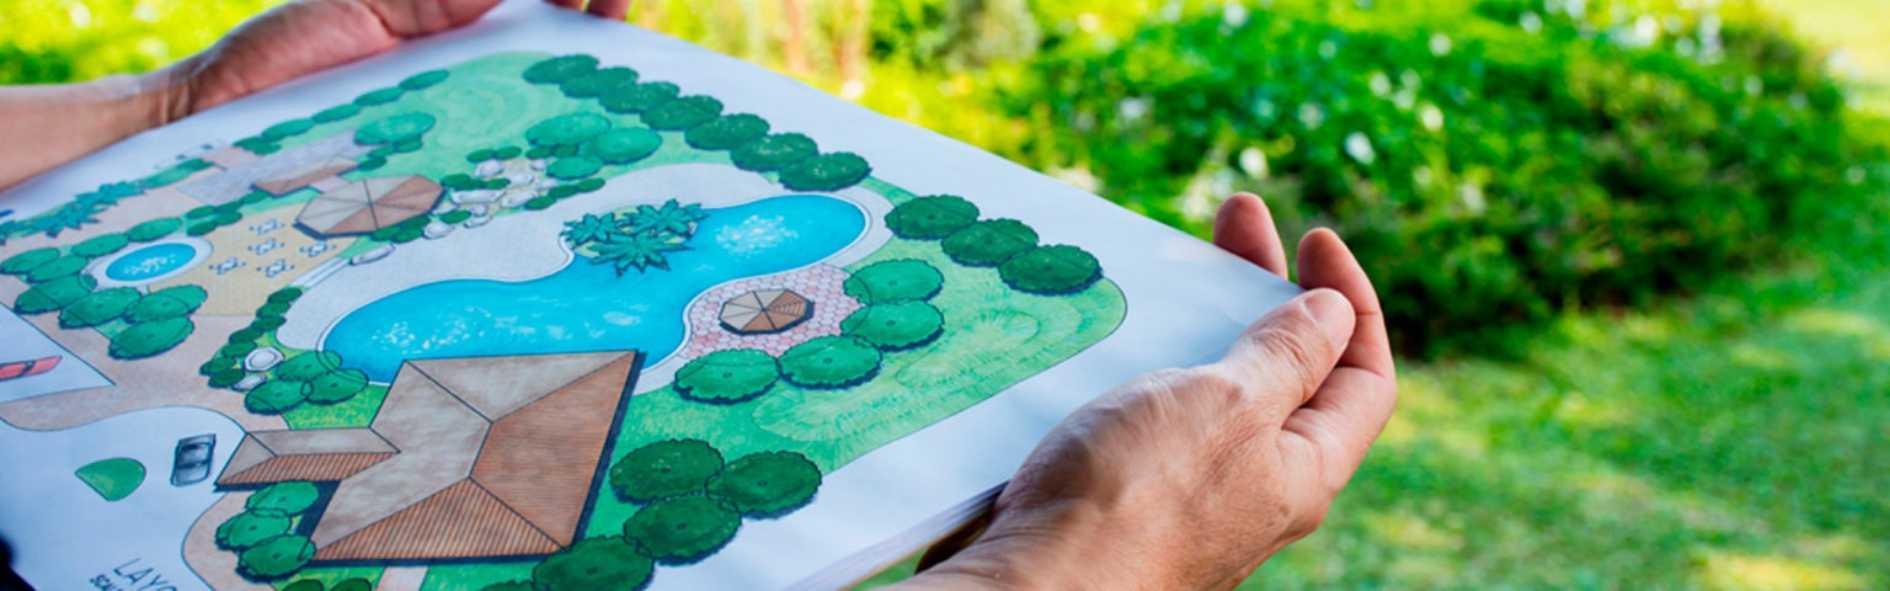 Diseñar un jardín puede ser una experiencia única y gratificante